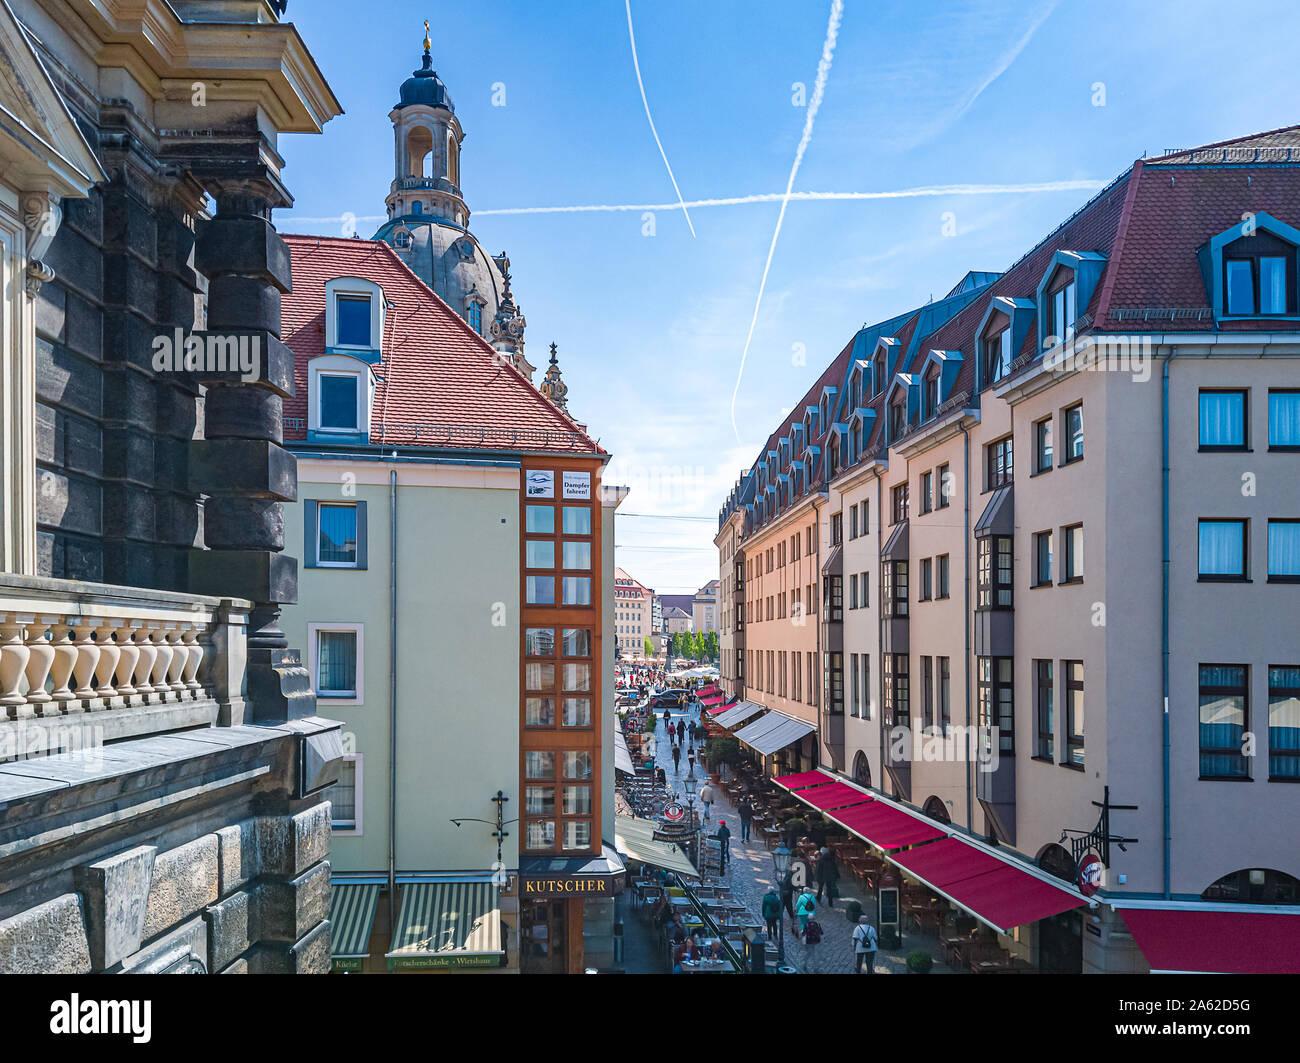 Touristische Blick hinunter Munzgasse Lane an der Frauenkirche in der historischen Altstadt von Dresden, Sachsen, Deutschland. Stockfoto